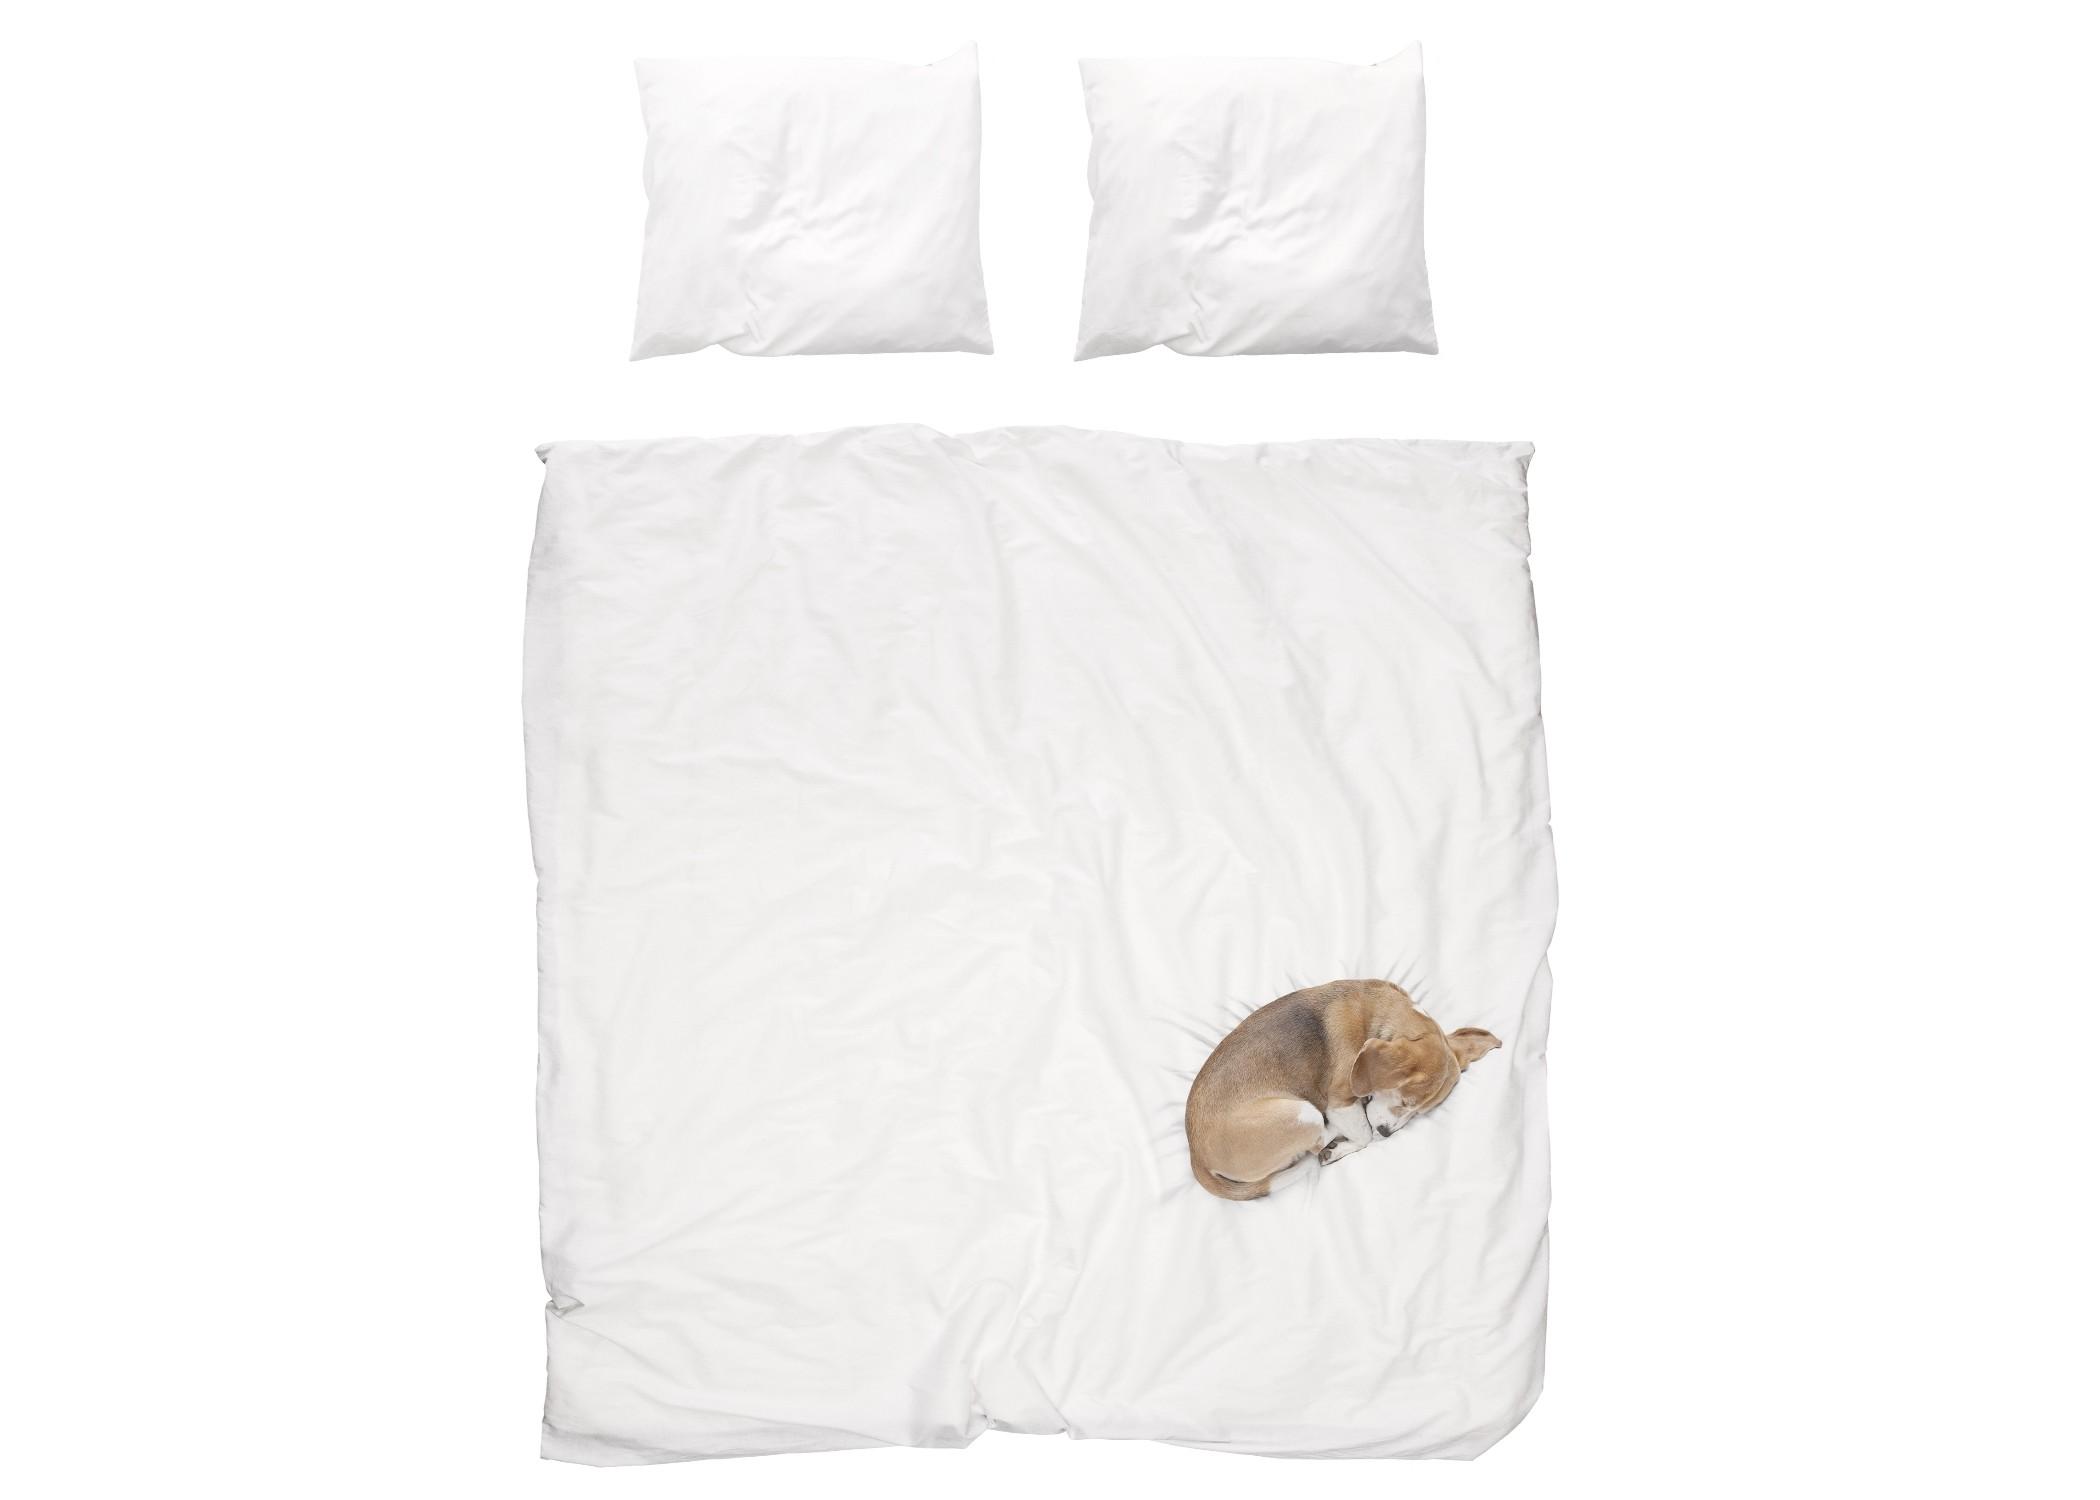 Комплект постельного белья Собака БобДвуспальные комплекты постельного белья<br>Знакомьтесь, это Боб. Боб любит все разнюхивать, гулять, баловаться и таскать угощения из кухни. Но больше всего Боб любит спать, свернувшись калачиком на мягкой и теплой постели своего хозяина. Он мог бы проспать весь день. И всю ночь.&amp;amp;nbsp;&amp;lt;div&amp;gt;&amp;lt;br&amp;gt;&amp;lt;/div&amp;gt;&amp;lt;div&amp;gt;Материал: 100% хлопок ПЕРКАЛЬ (плотность ткани 214г/м2).&amp;amp;nbsp;&amp;lt;div&amp;gt;&amp;lt;span style=&amp;quot;line-height: 1.78571;&amp;quot;&amp;gt;В комплект входит: пододеяльник 200х220см - 1 шт, наволочка 50х70см - 2 шт.&amp;lt;/span&amp;gt;&amp;lt;br&amp;gt;&amp;lt;/div&amp;gt;&amp;lt;/div&amp;gt;<br><br>Material: Хлопок<br>Ширина см: 200